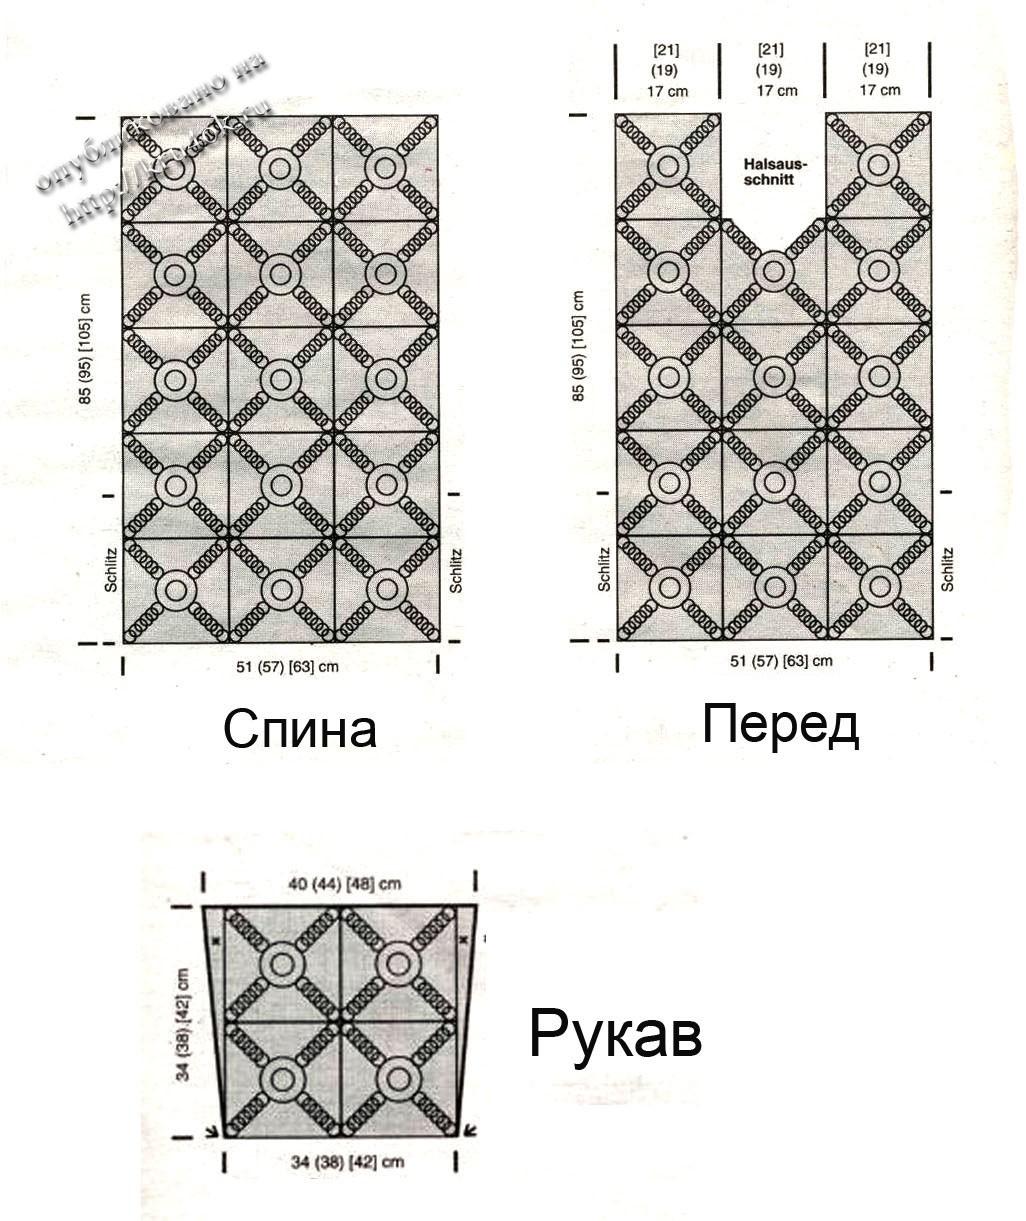 Пляжная туника - вязание крючком на. ежедневный журнал про вязание...